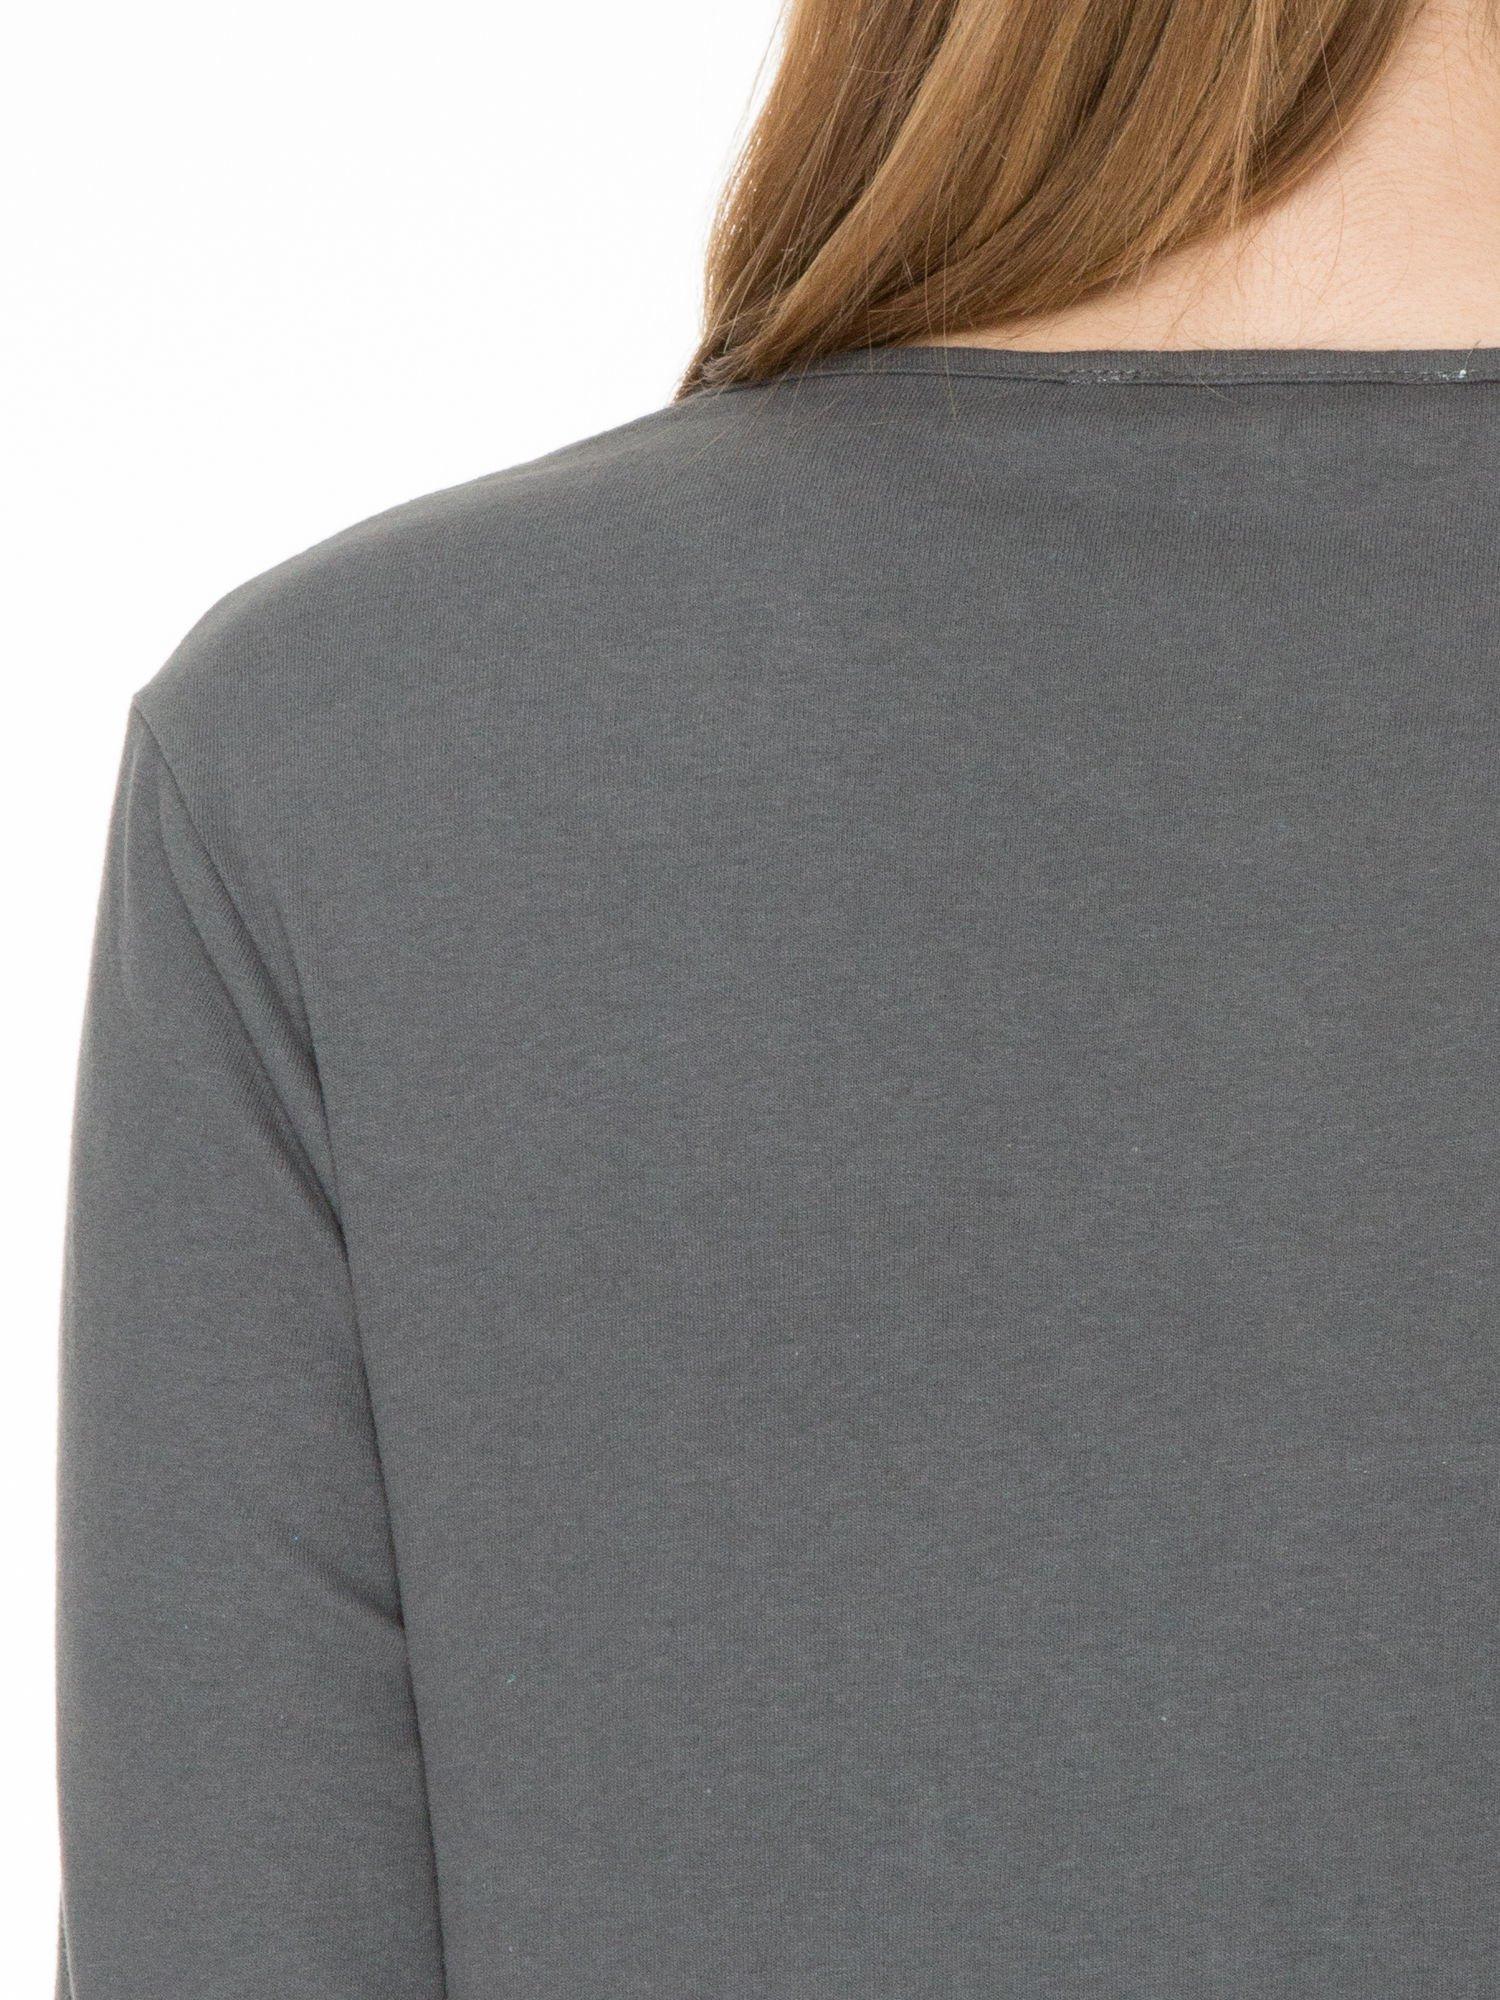 Ciemnoszara bawełniana bluzka z gumką na dole                                  zdj.                                  5